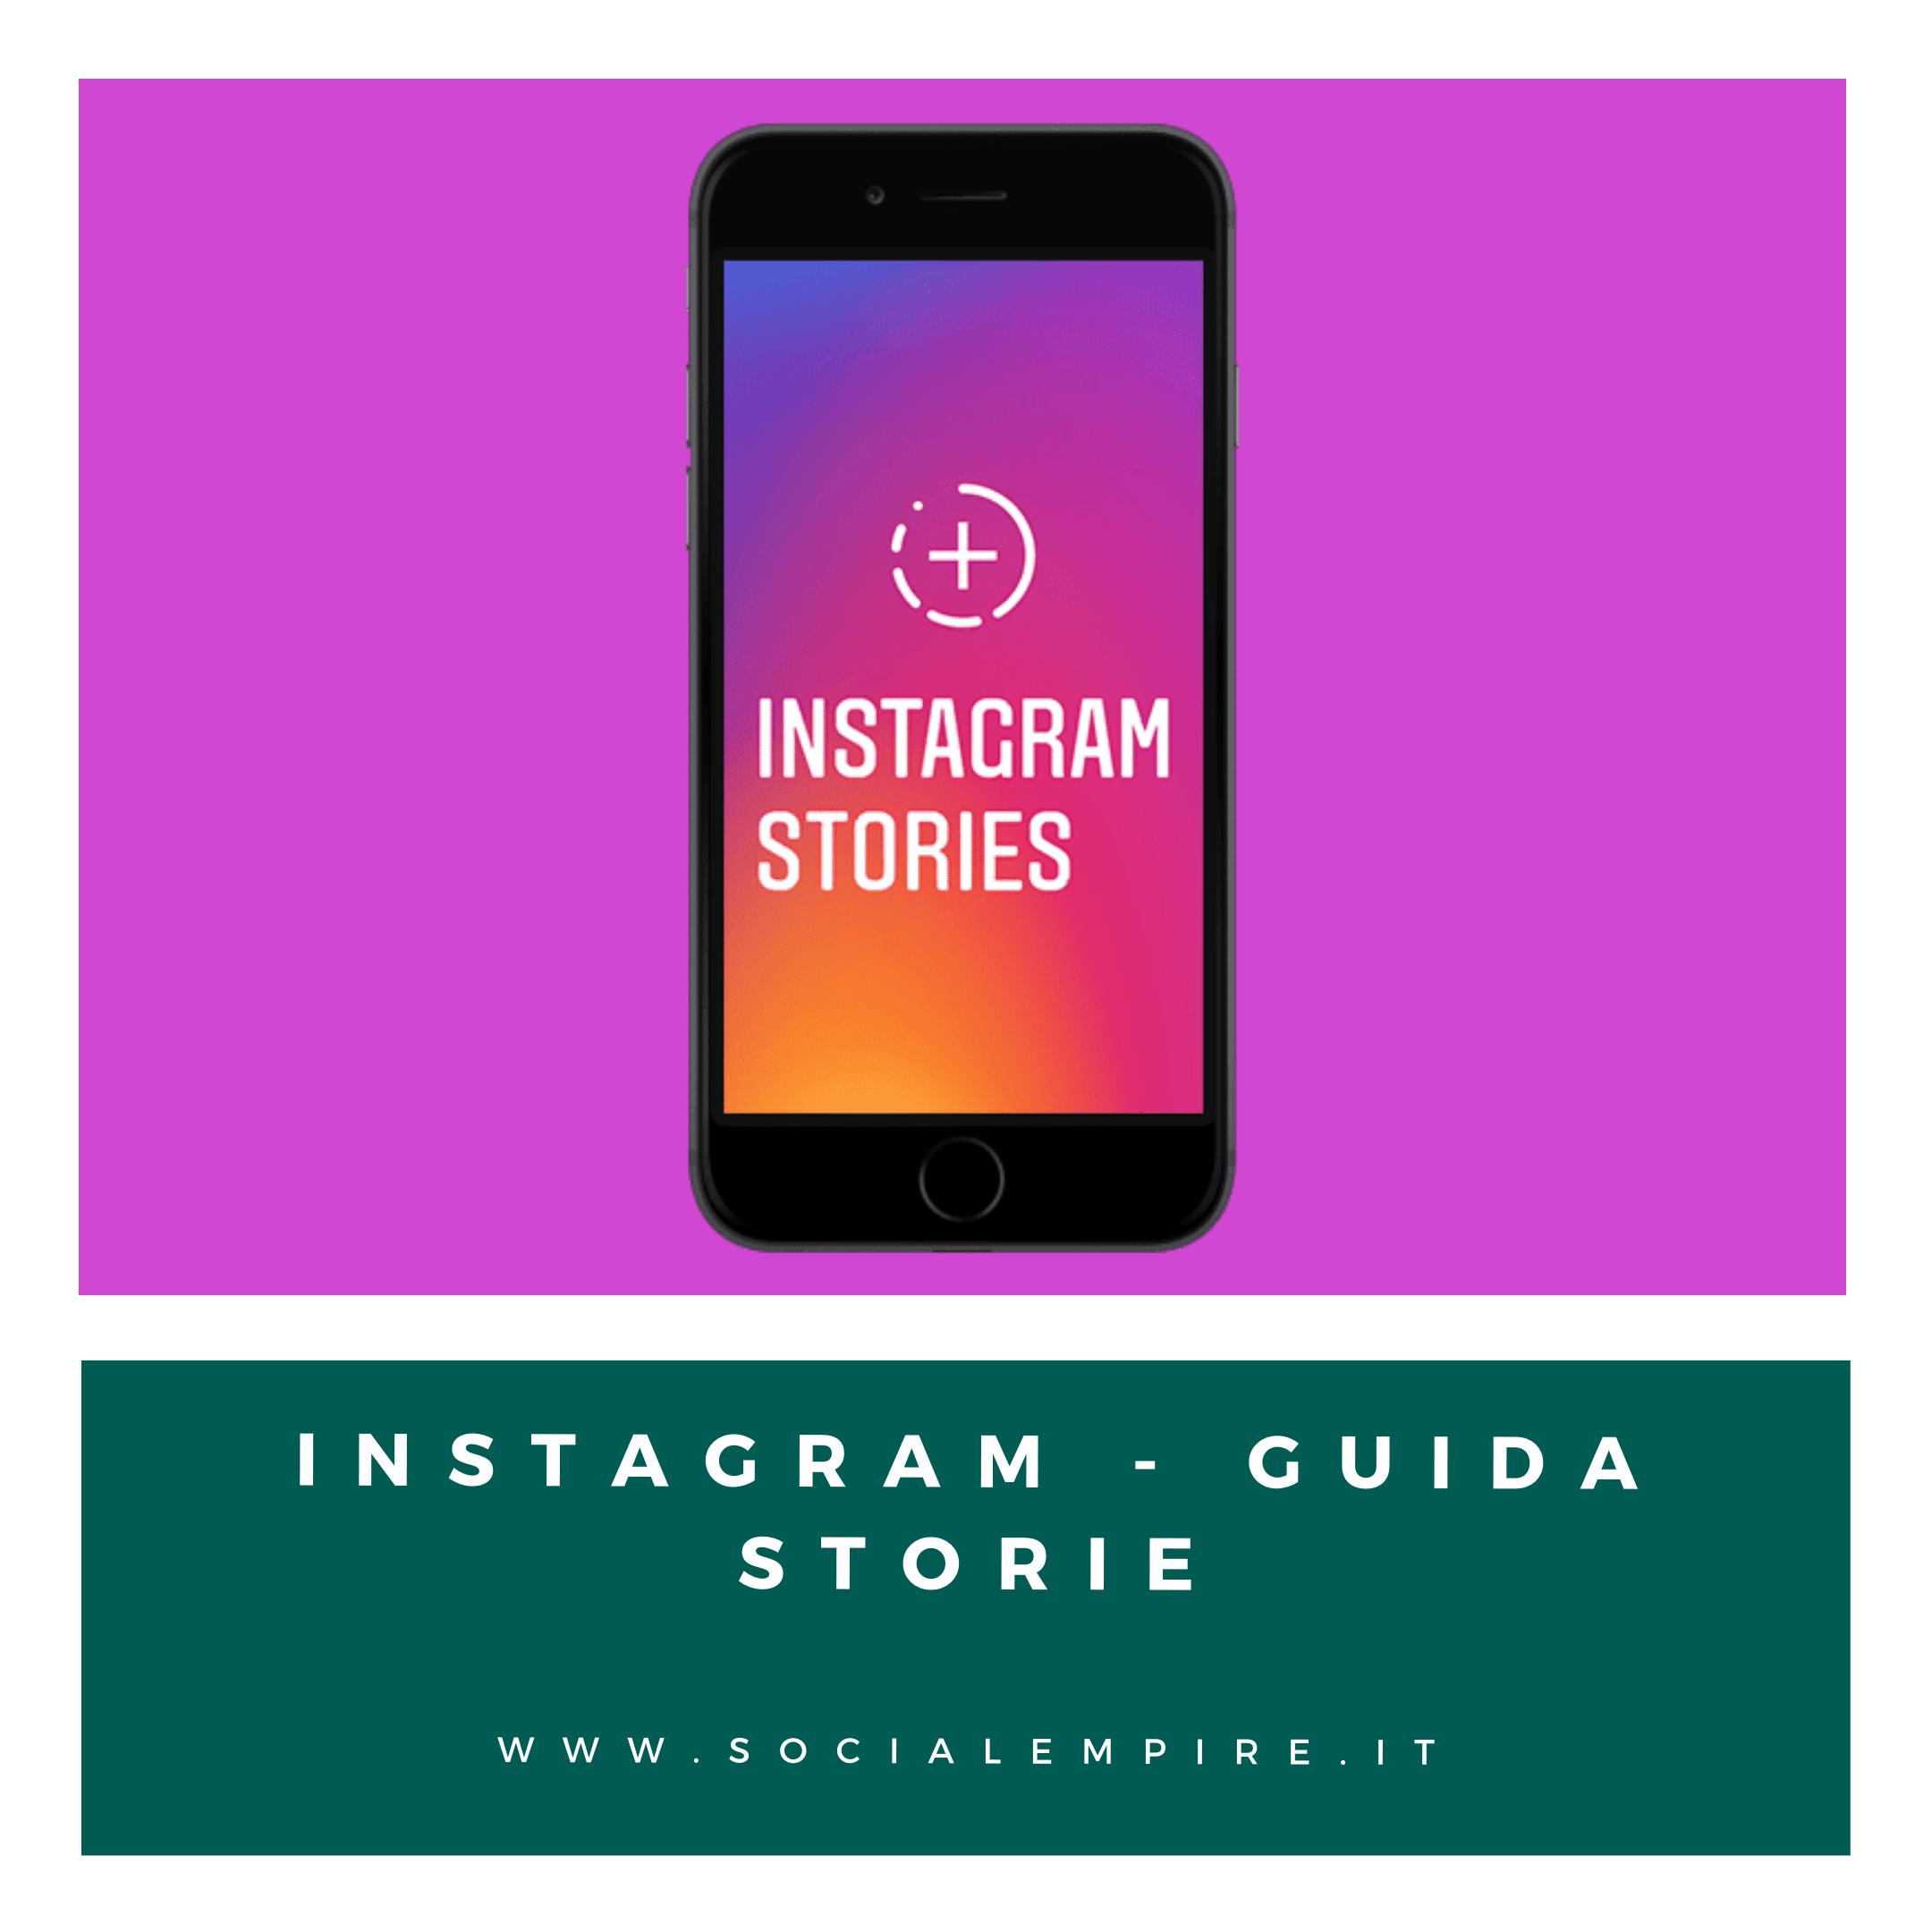 Guida Instagram Storie